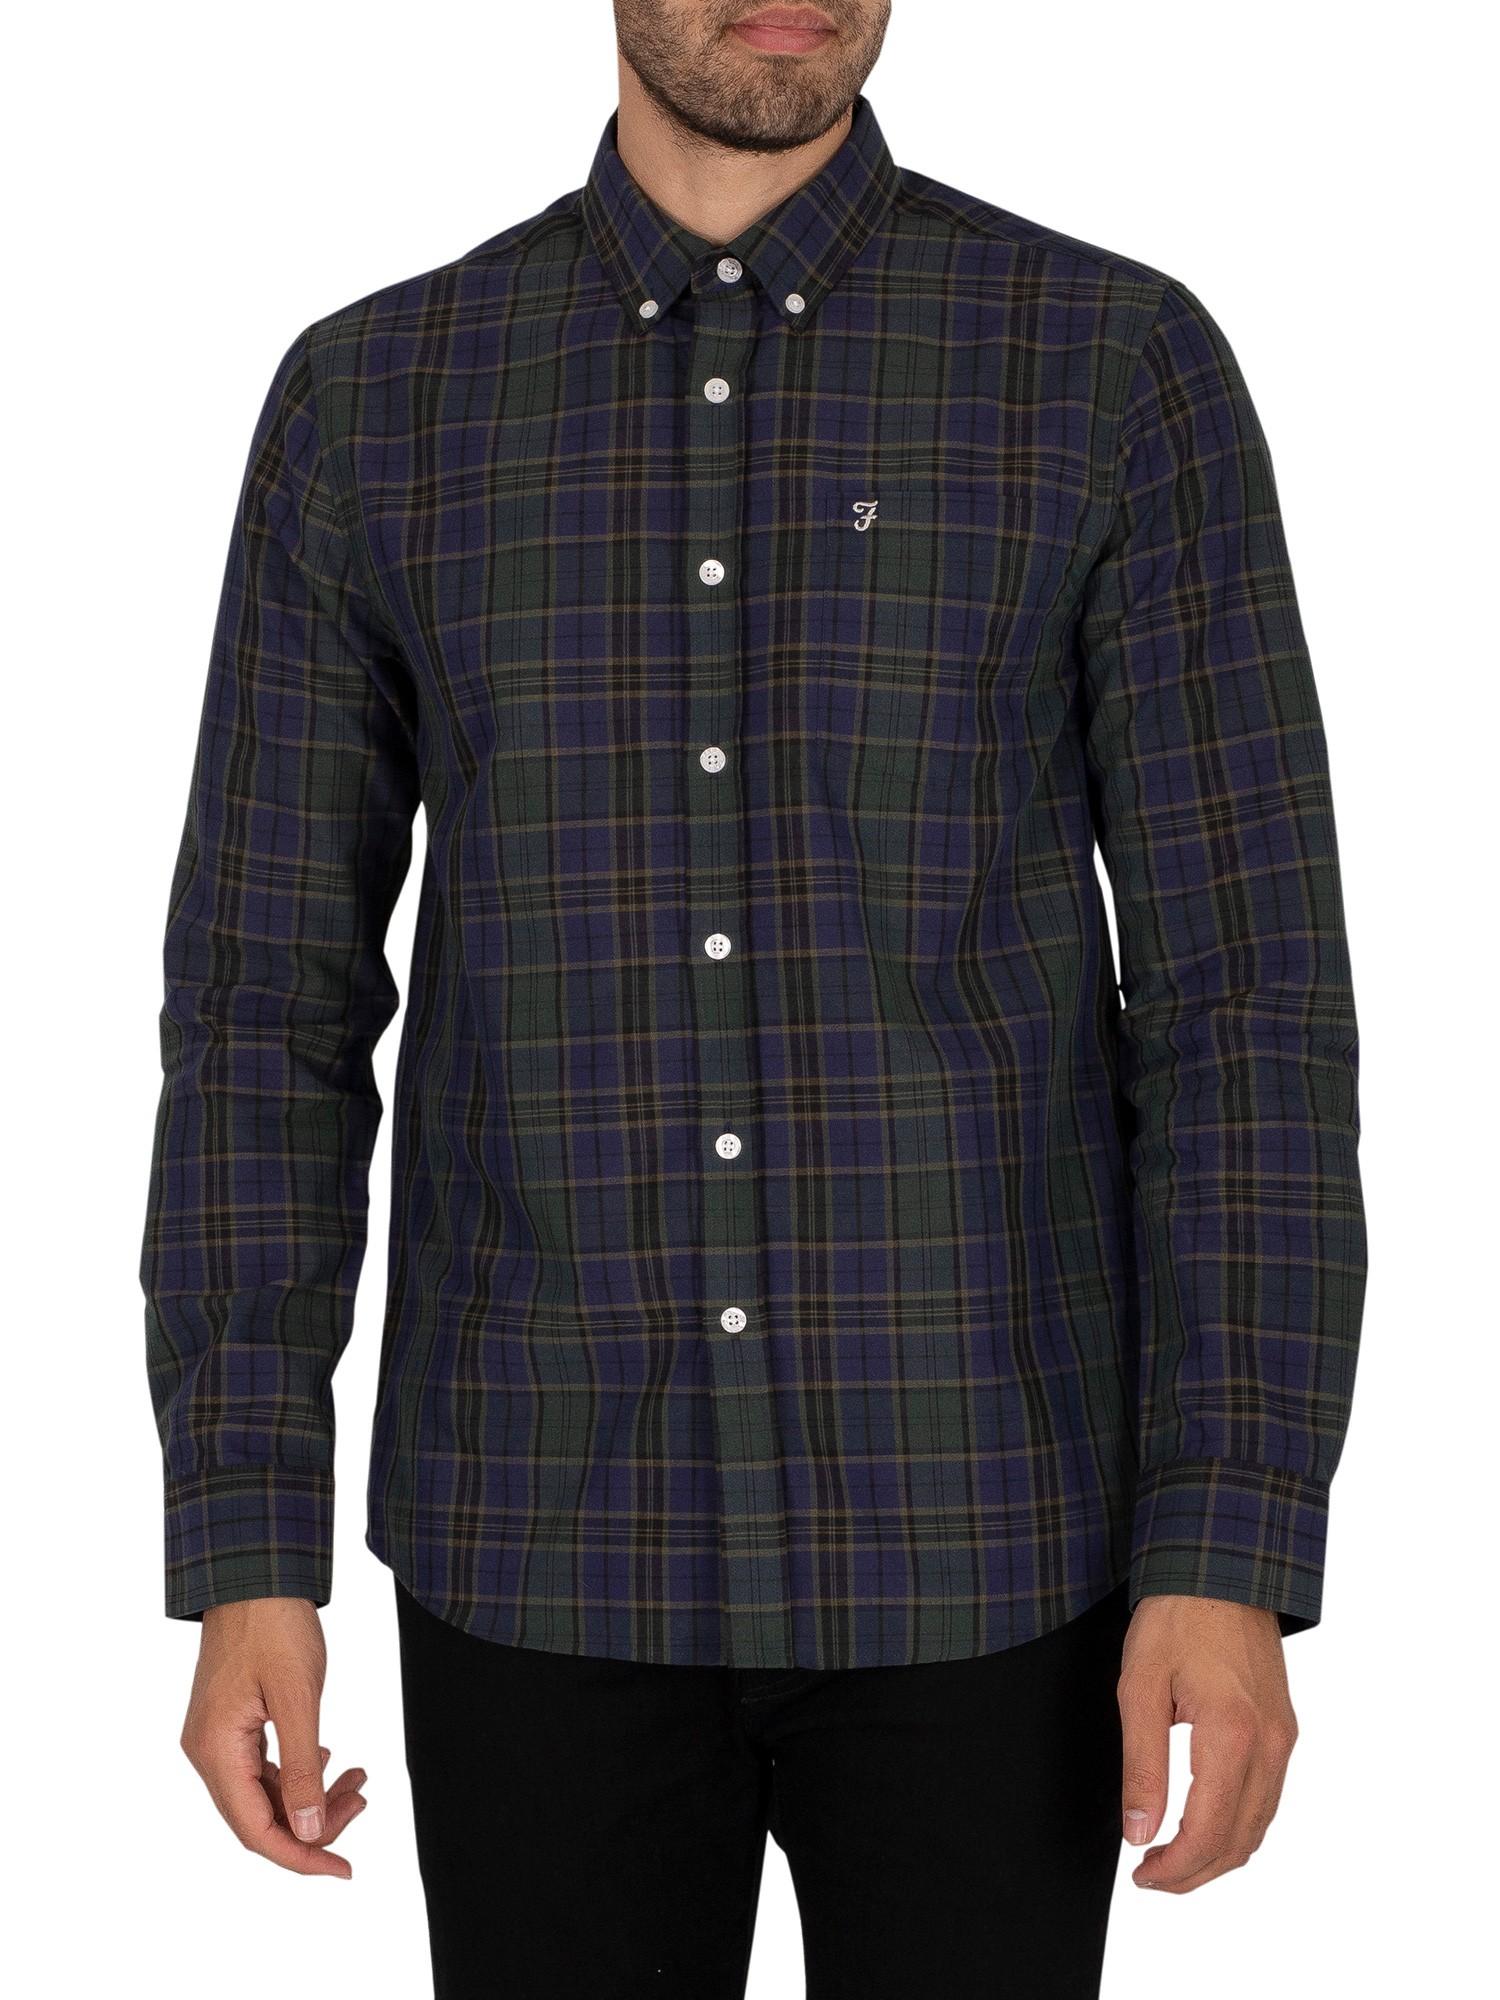 Edina-Check-Oxford-Shirt